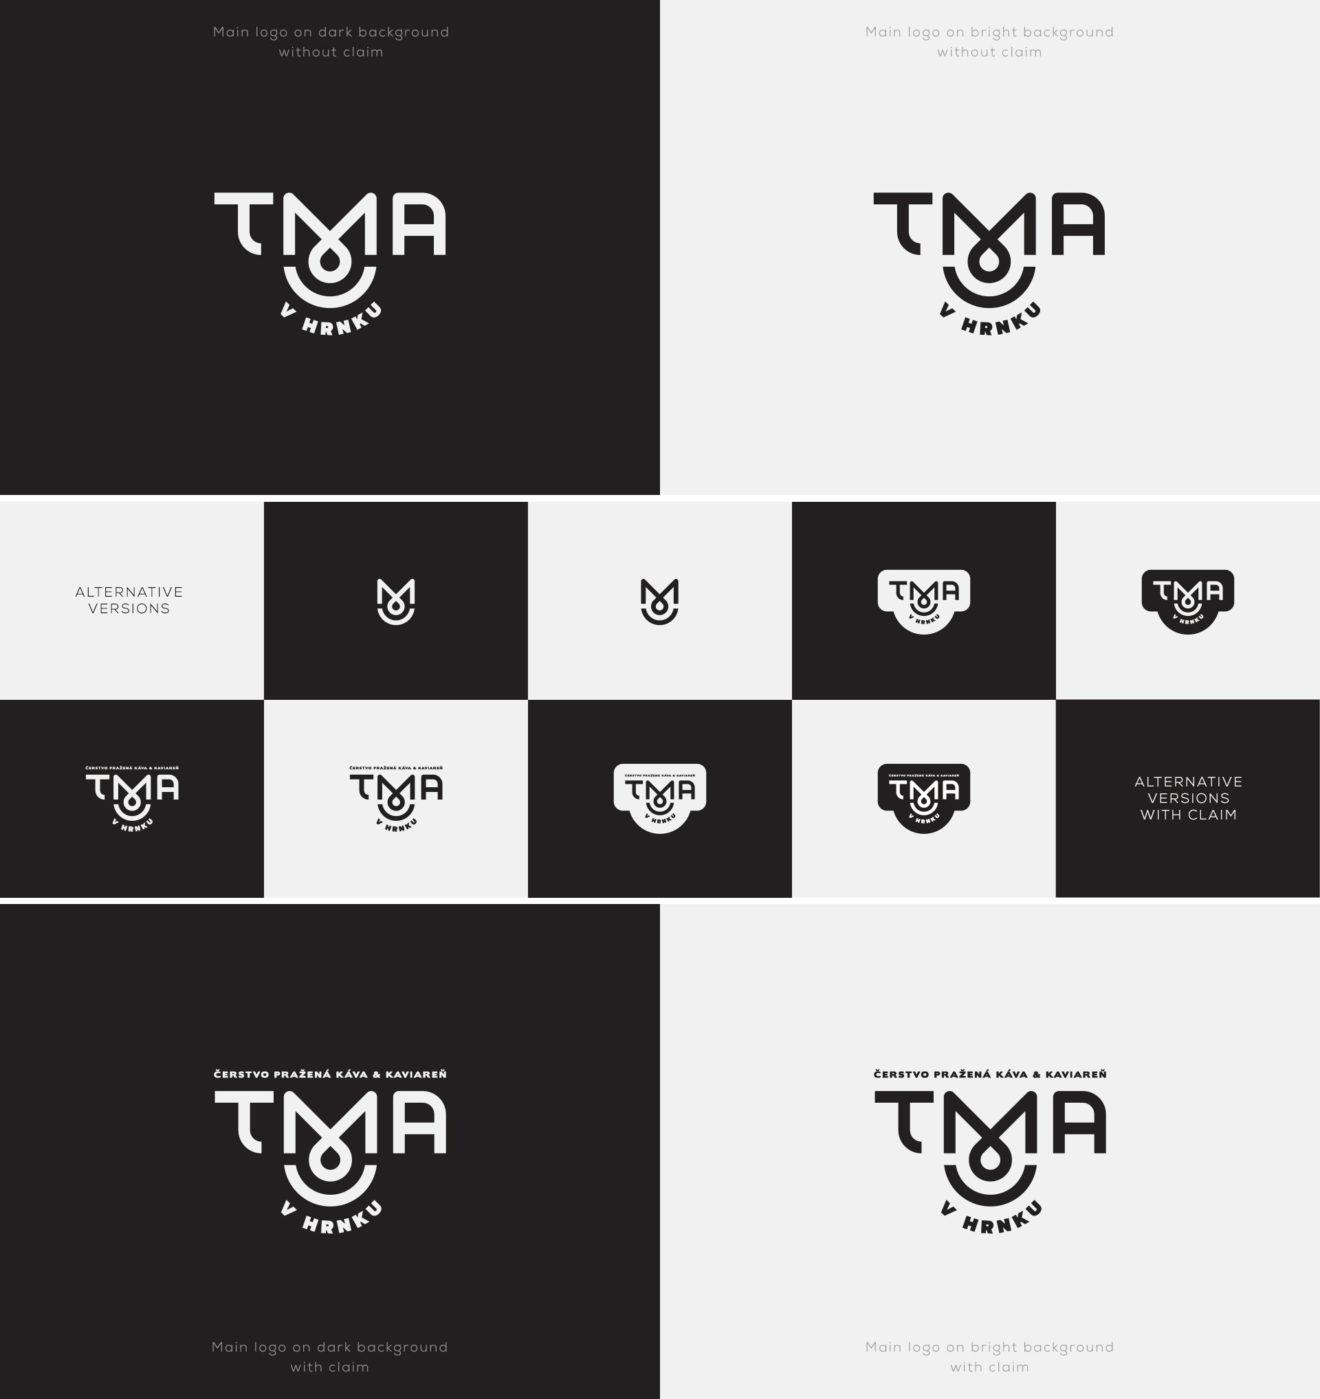 Tma_v_hrnku_portfolio_03